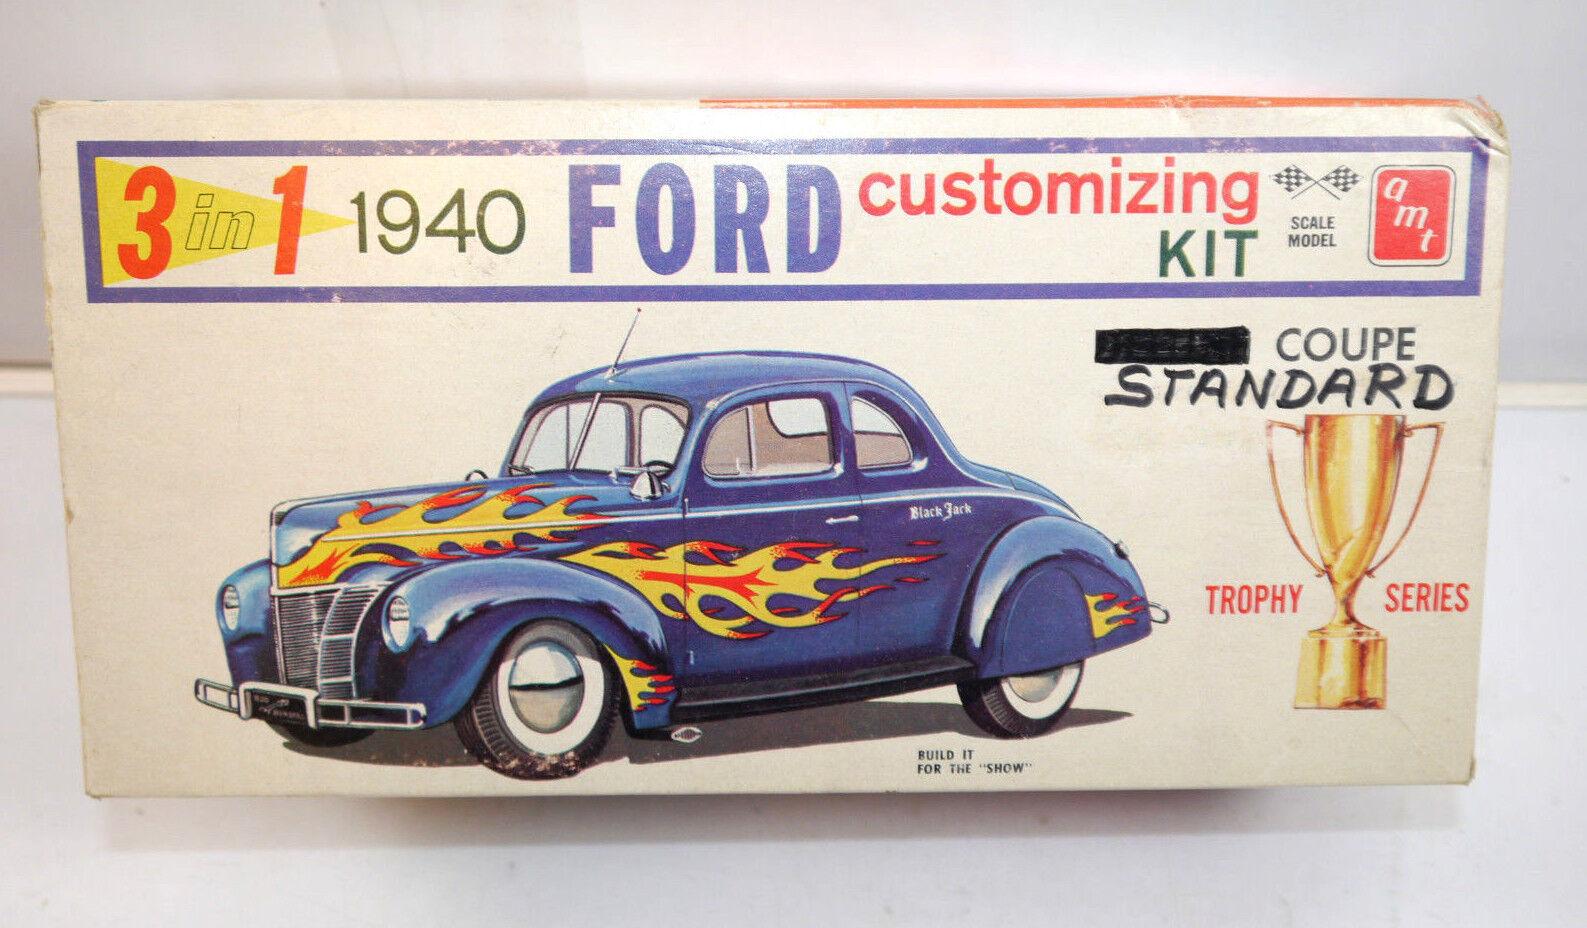 Amt 140 Ford Standard Coupé 1940 Auto 3in1 PLASTIQUE Kit de Construction Modèle